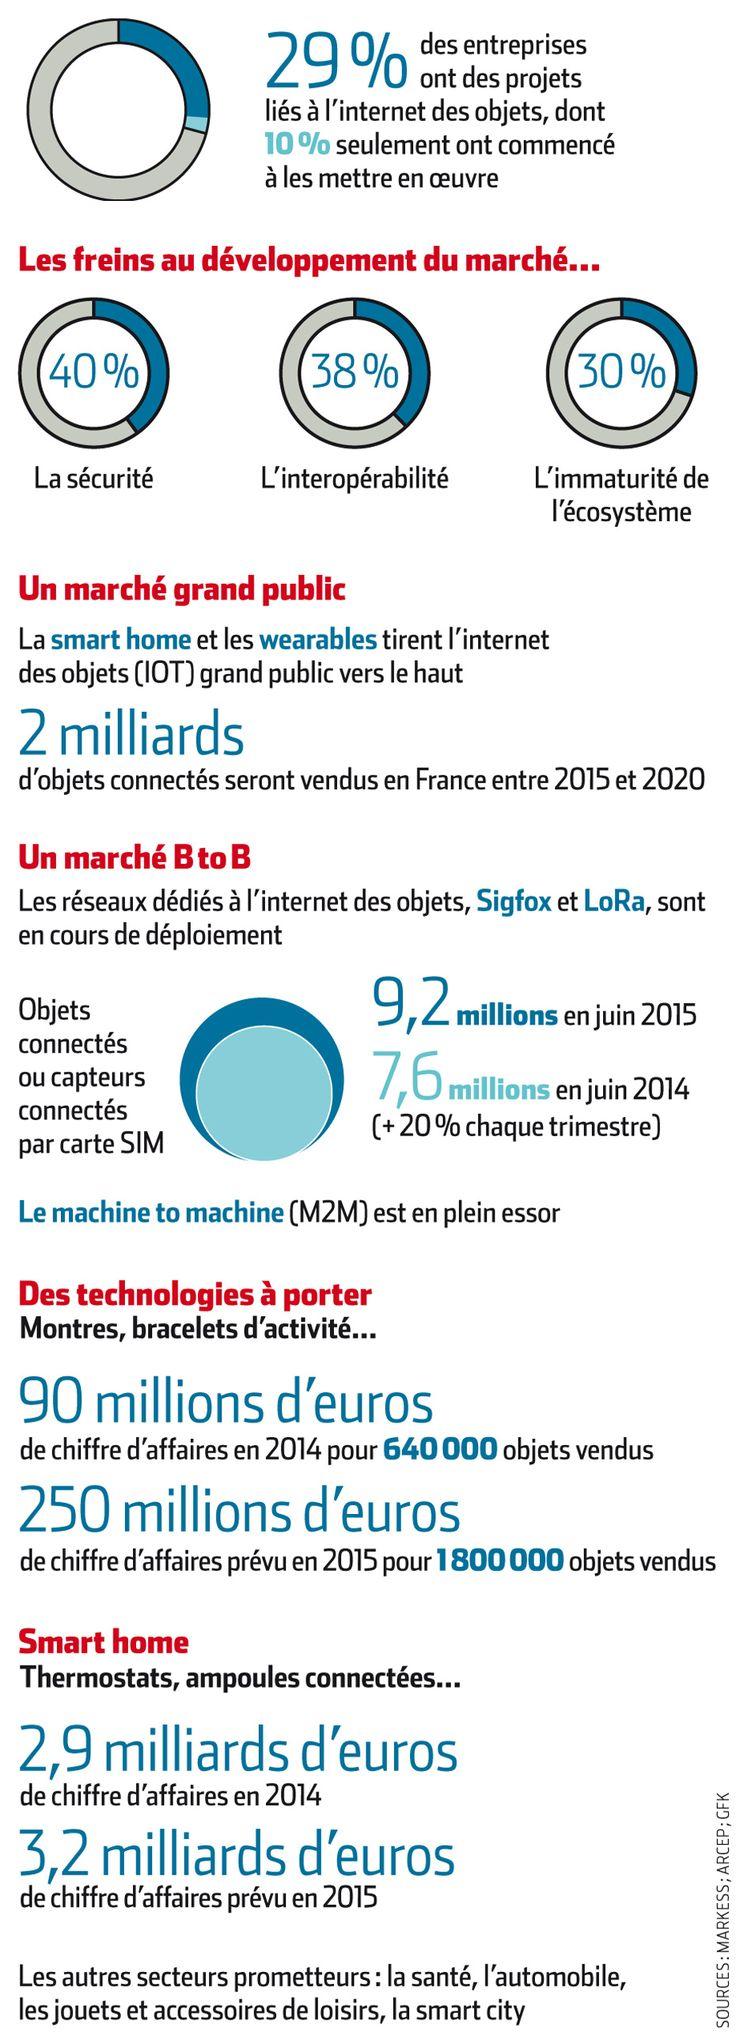 #IOT Objets connectés : les chiffres clés du marché français